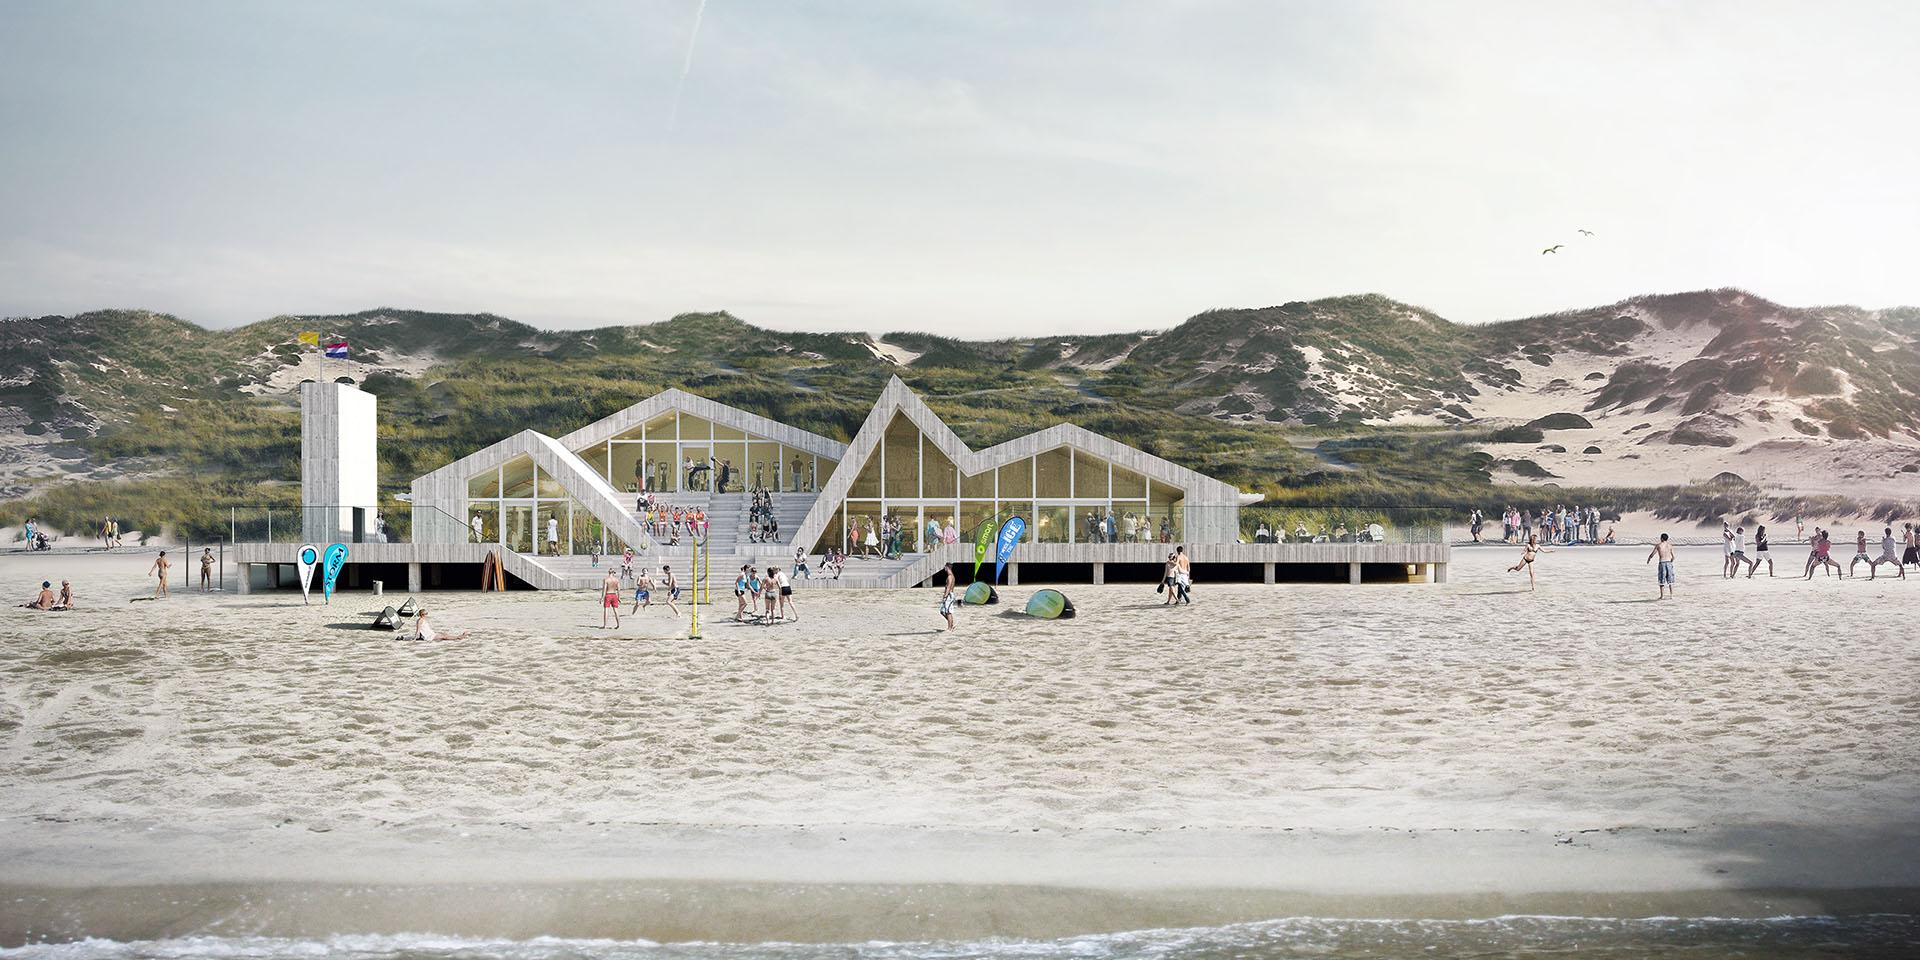 Strandpavillon neun grad architektur taao - Neun grad architektur ...